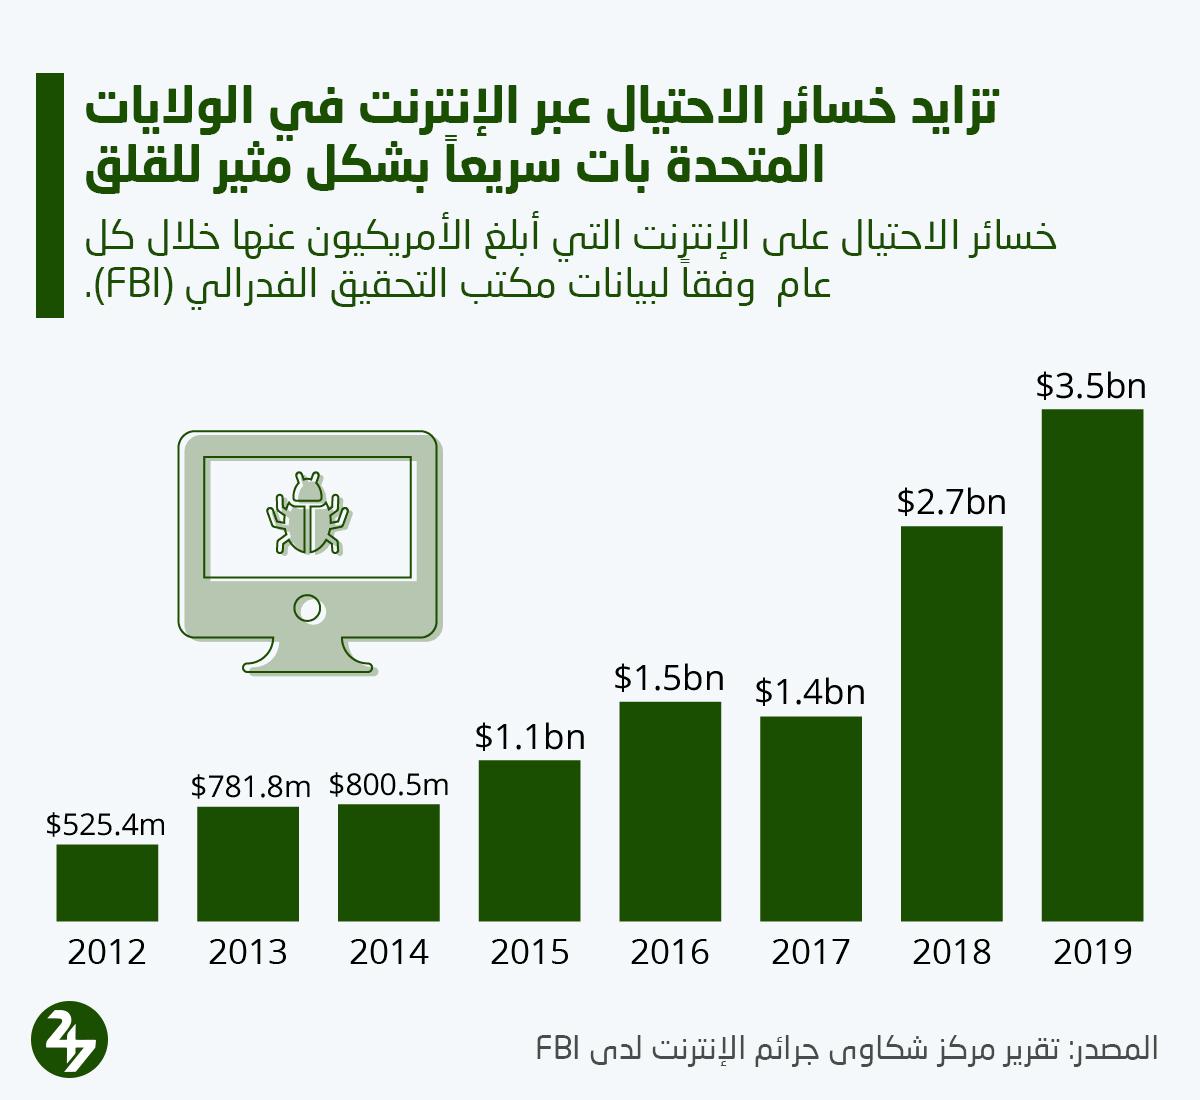 ازدياد خسائر الاحتيال عبر الإنترنت في الولايات المتحدة خلال السنوات الأخيرة